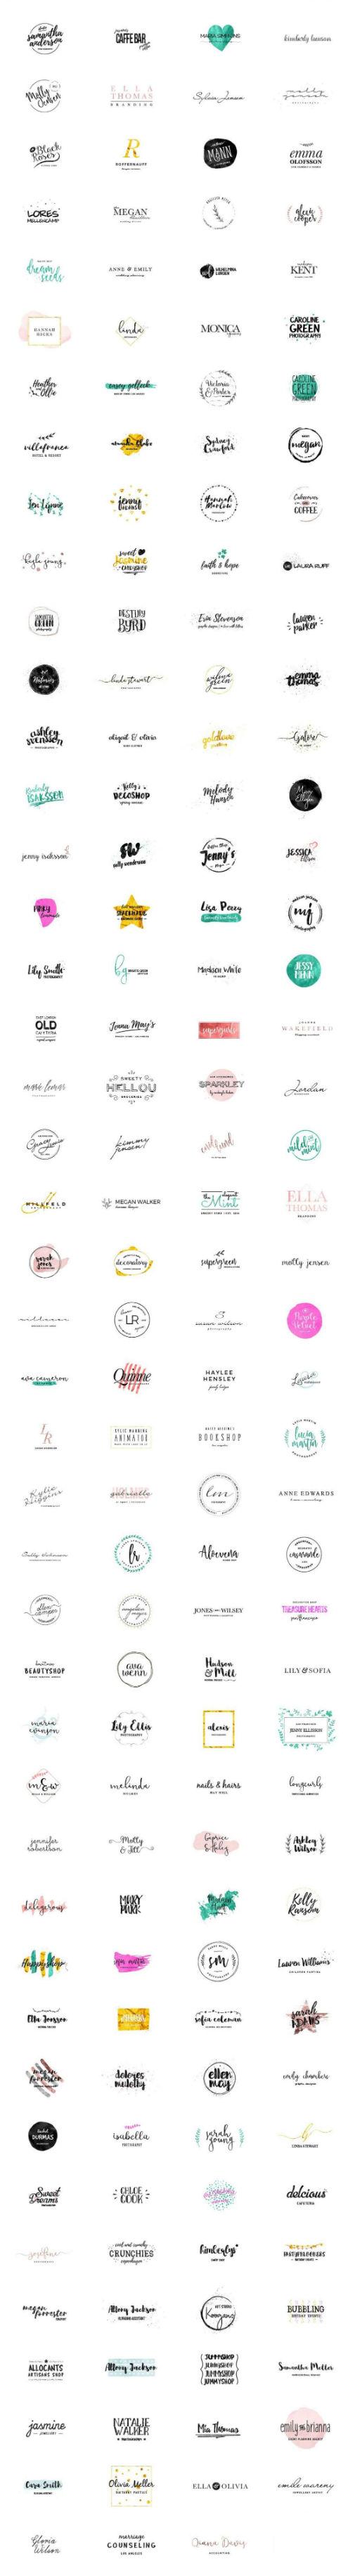 Feminine Deluxe Logo Designs - Girlpreneurs detail